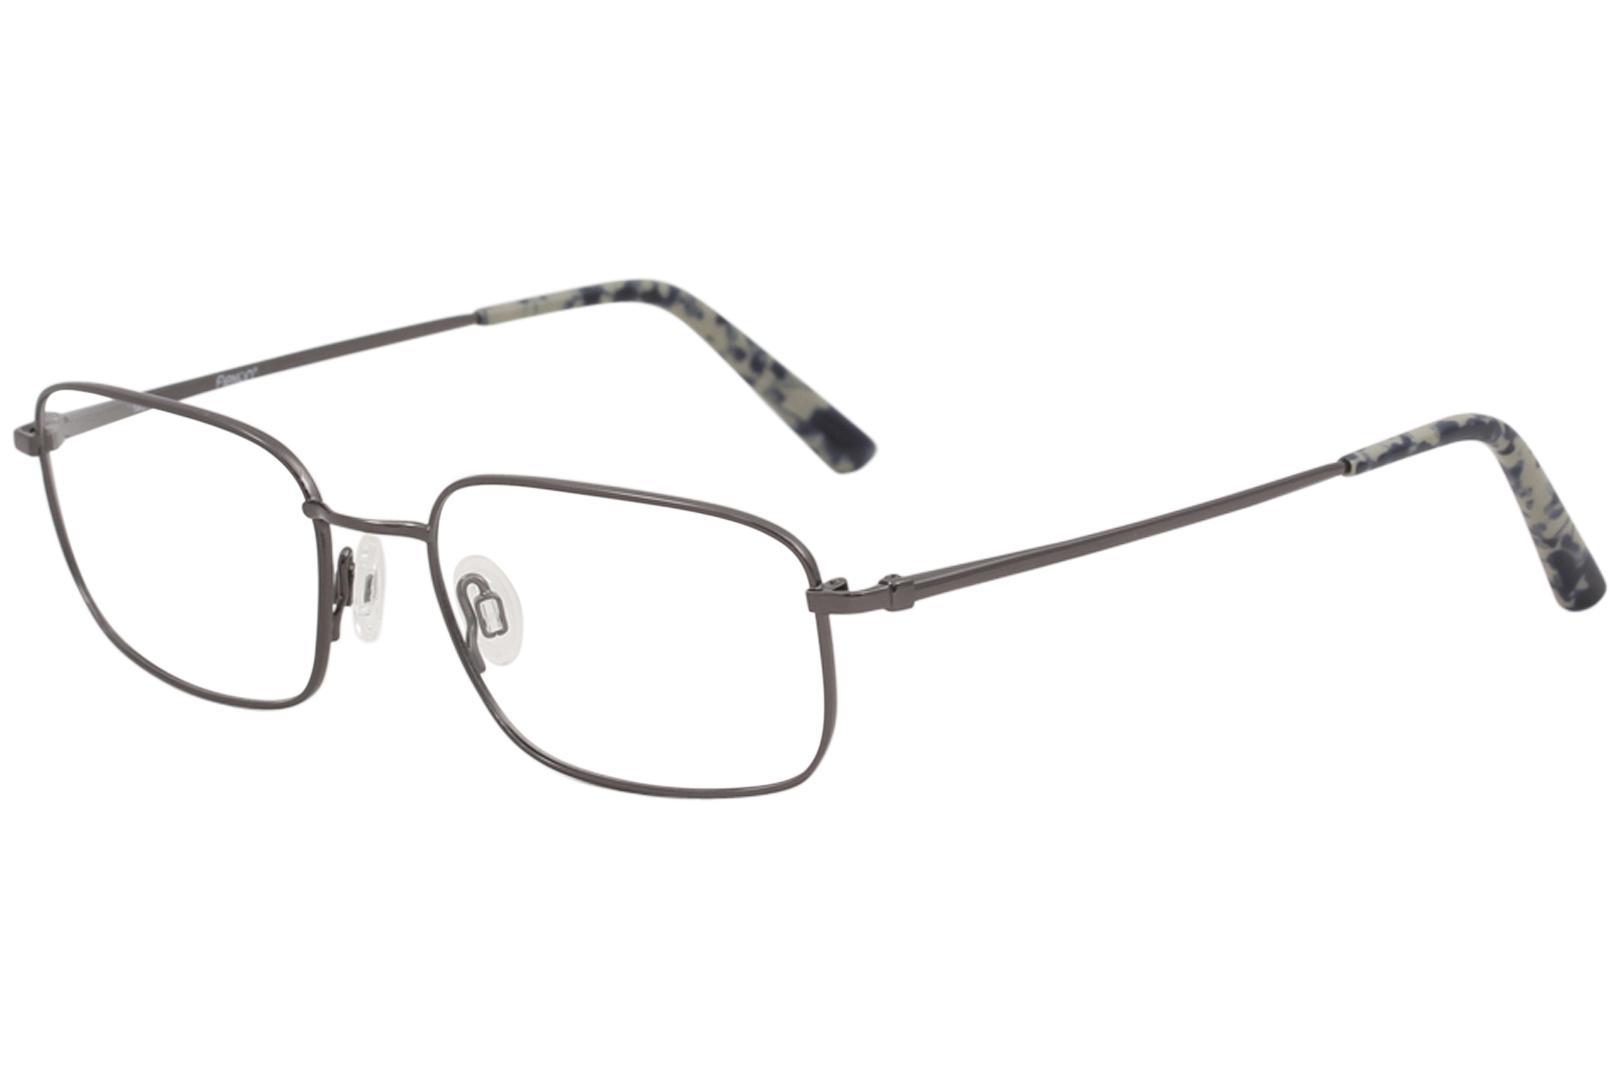 4e489d7895 Flexon Men s Eyeglasses Benjamin Titanium Full Rim Optical Frame